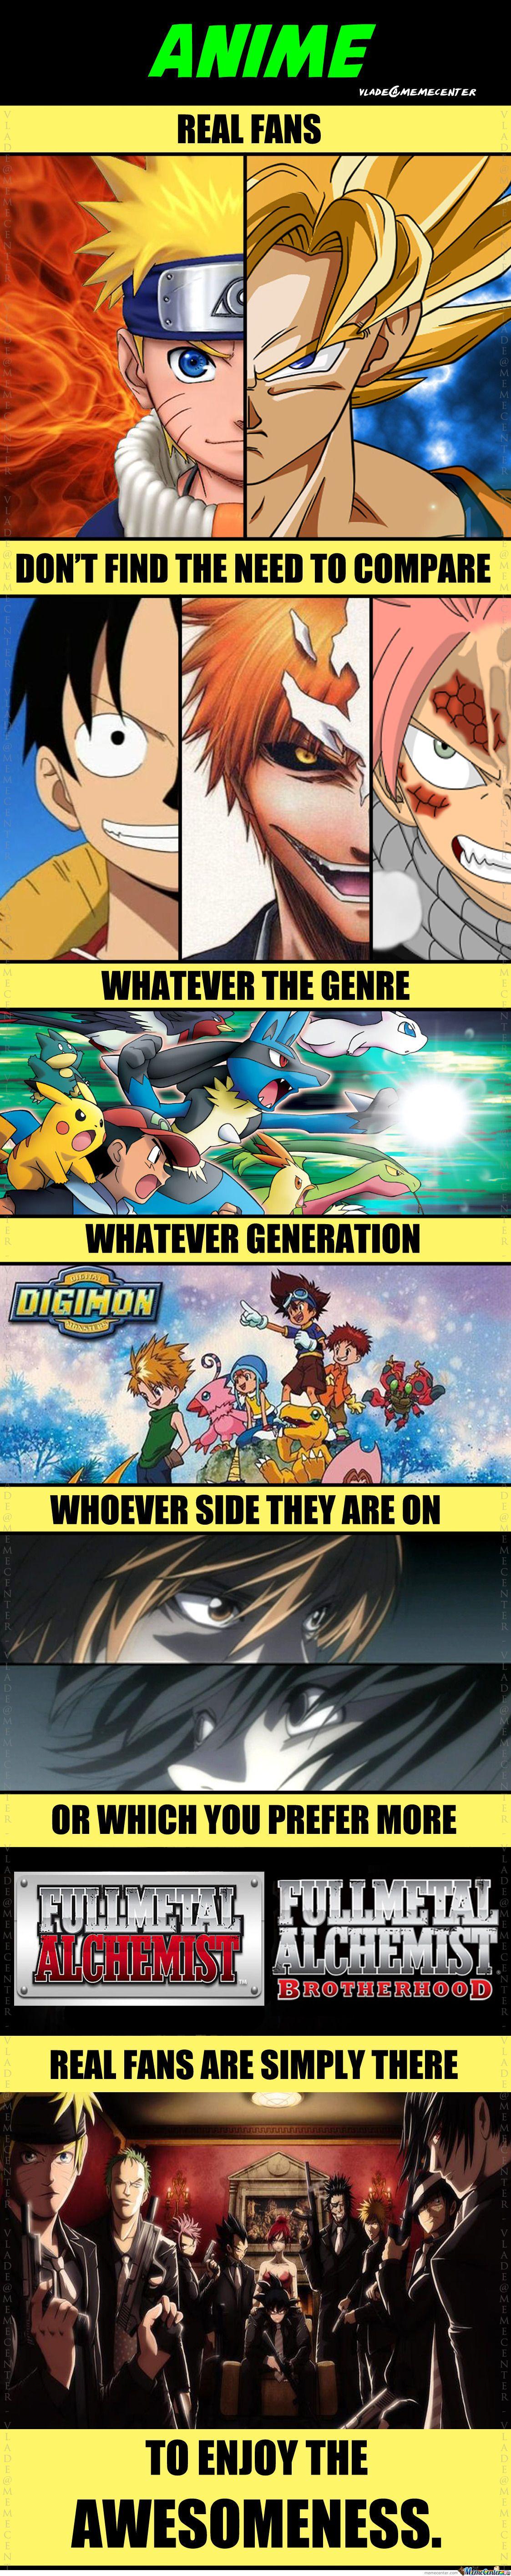 Realmente me encanta este cartel porque yo constamente me siento irritada cuando una persona se dedica a comparar animes que me gustan como si me exigiera elegir entre uno de los dos. ¿Tengo que ser de Digimon o de Pokemon solo? ¿Tengo que amar One Piece o Fairy Tail y odiar al otro?  No. Así de simple.